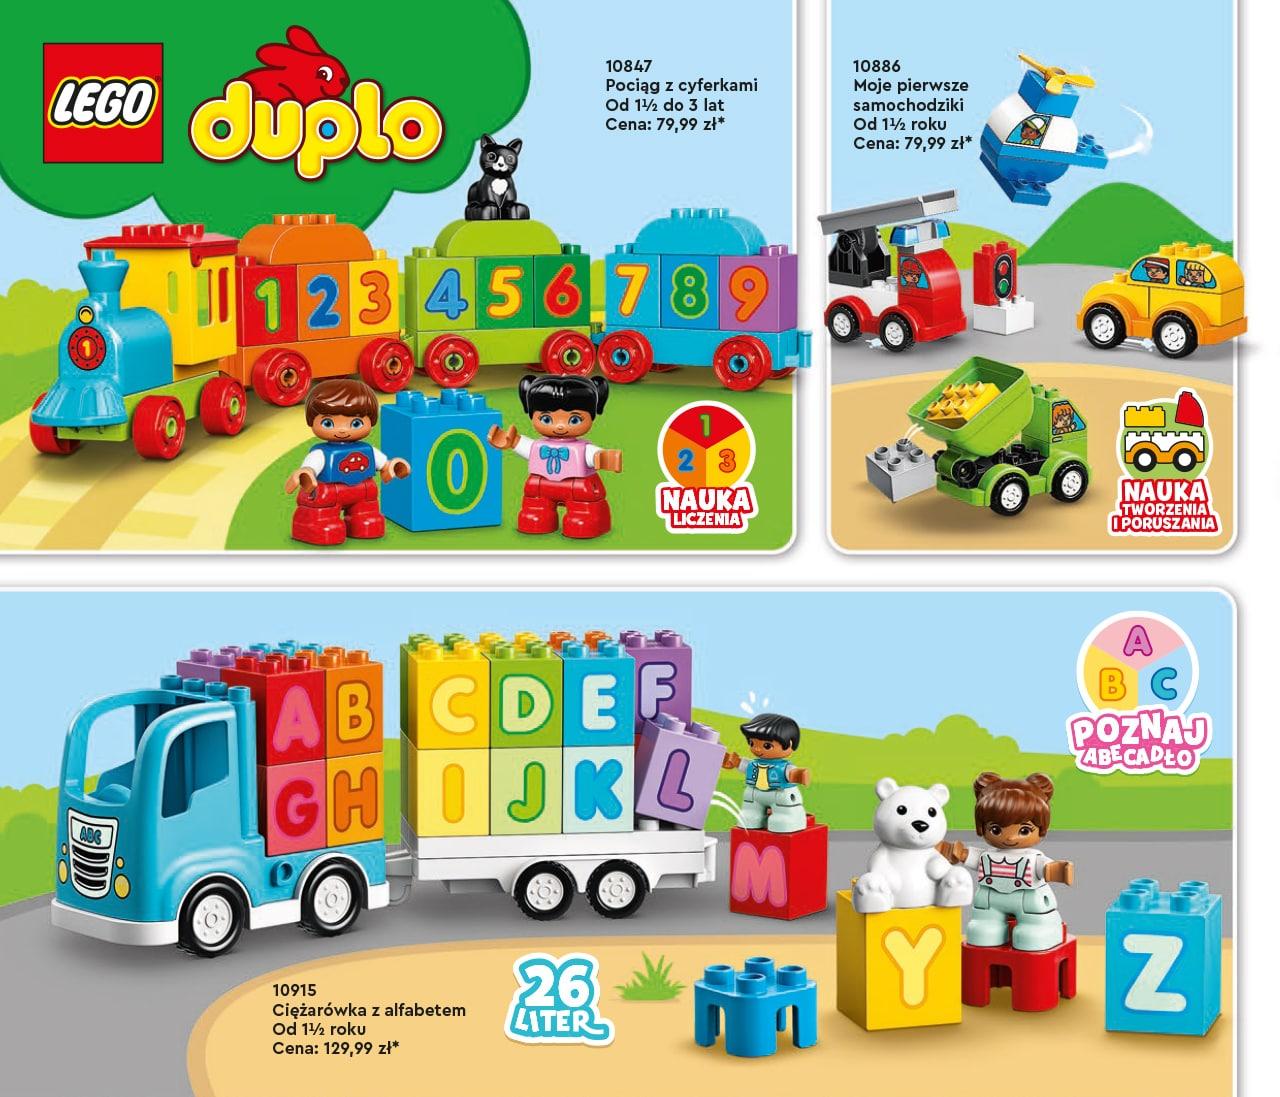 Katalog LEGO styczeń-maj 2021 - wersja polska - 6 - LEGO DUPLO